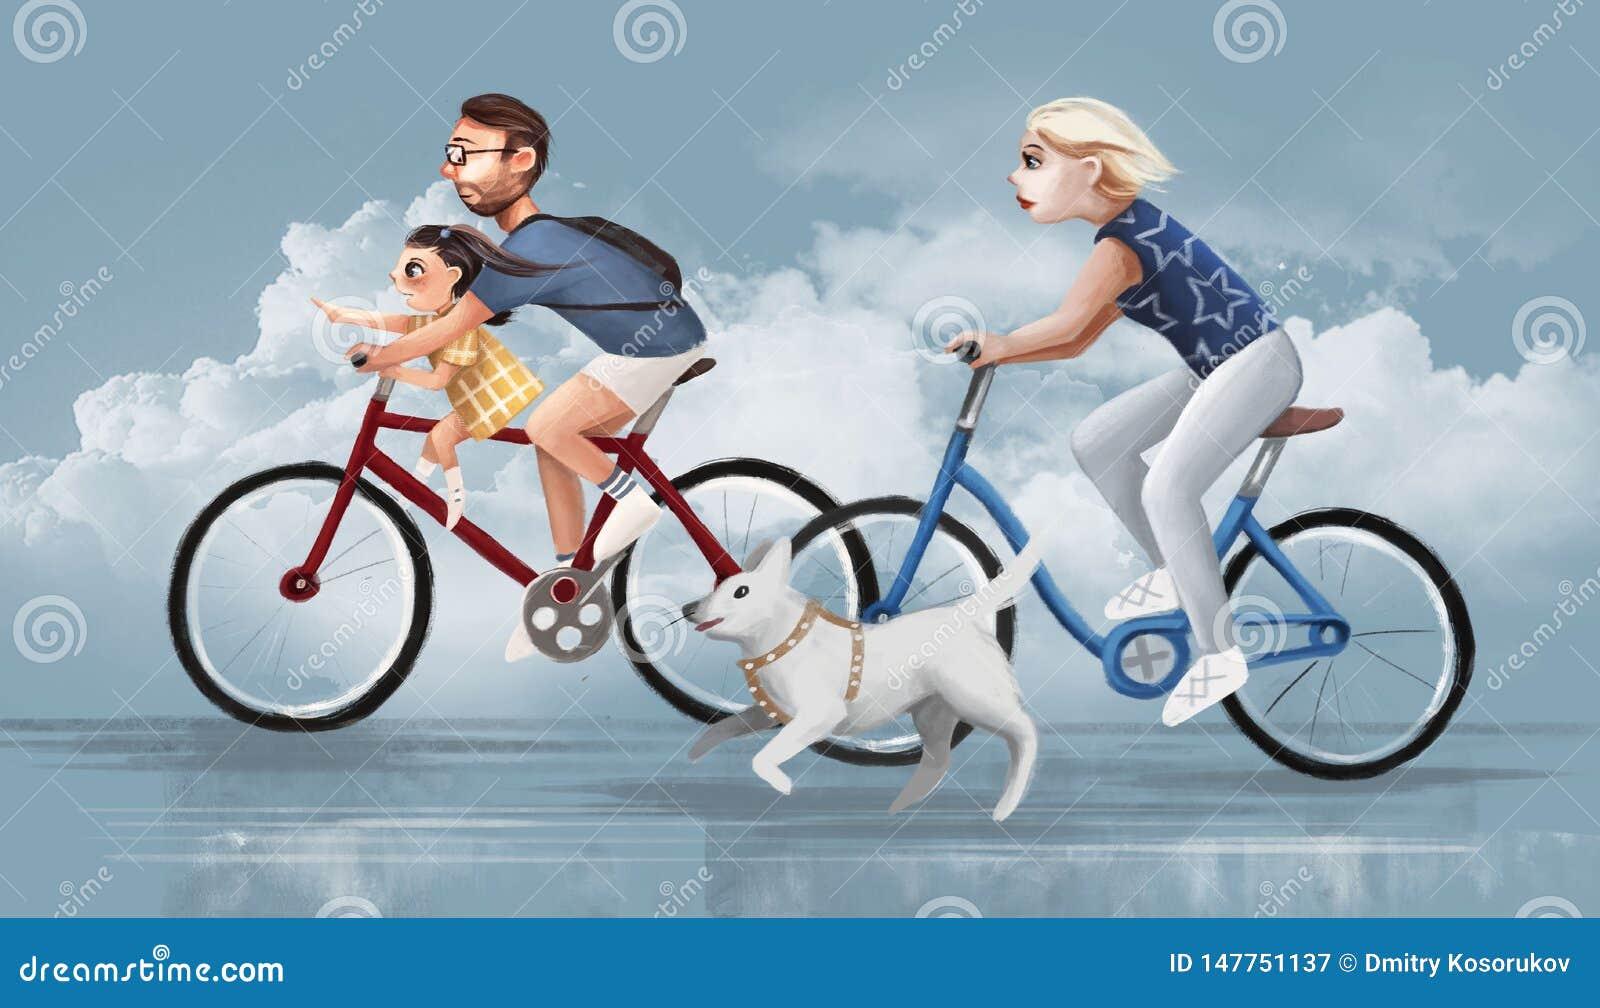 Familjen rider cyklar på vägen